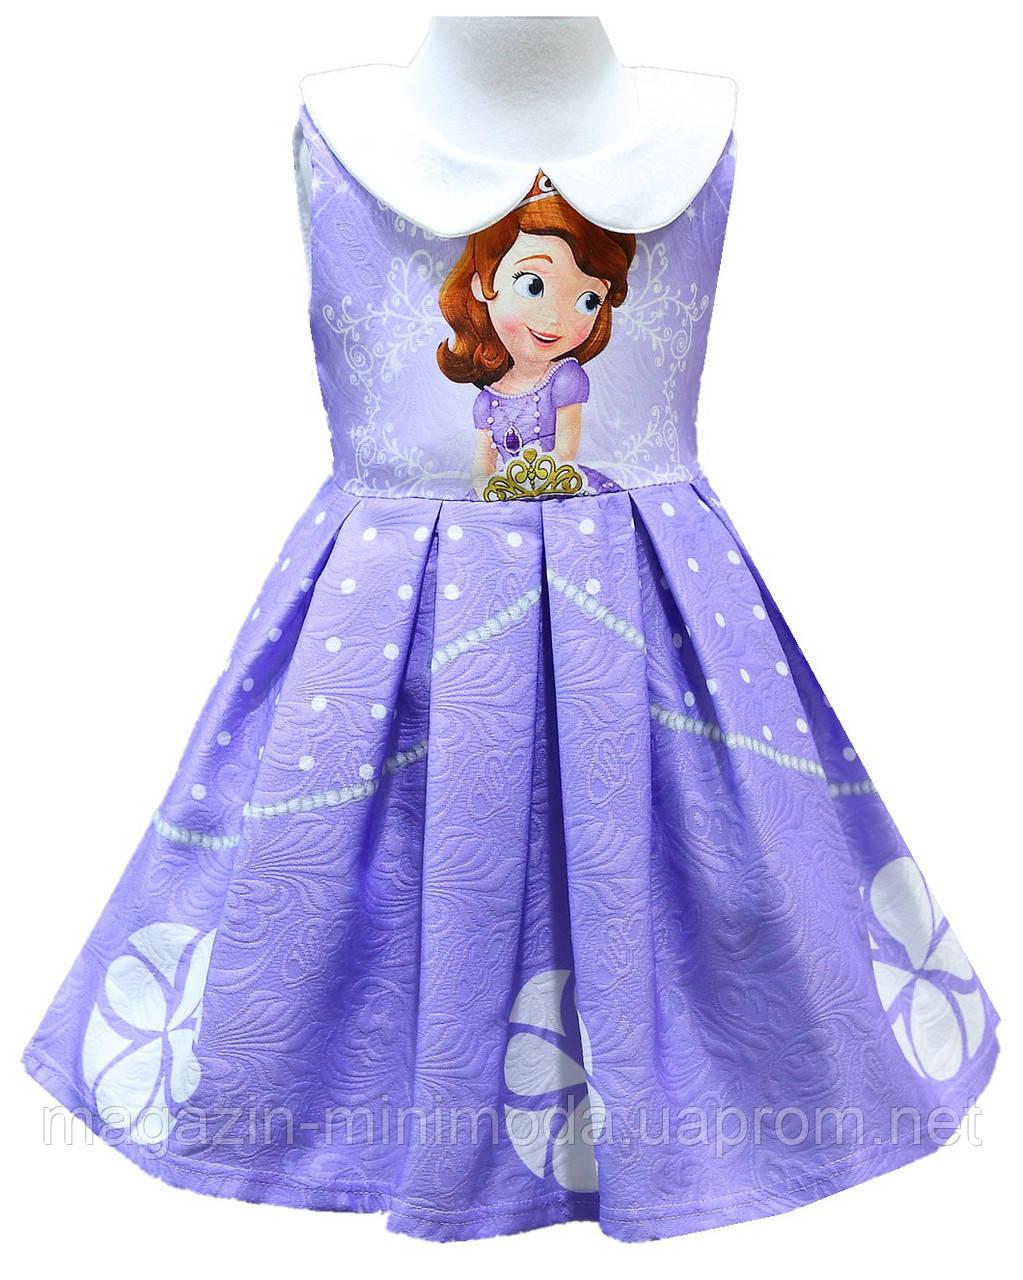 171a2a71 Детское платье София Прекрасная - Интернет-магазин детской одежды